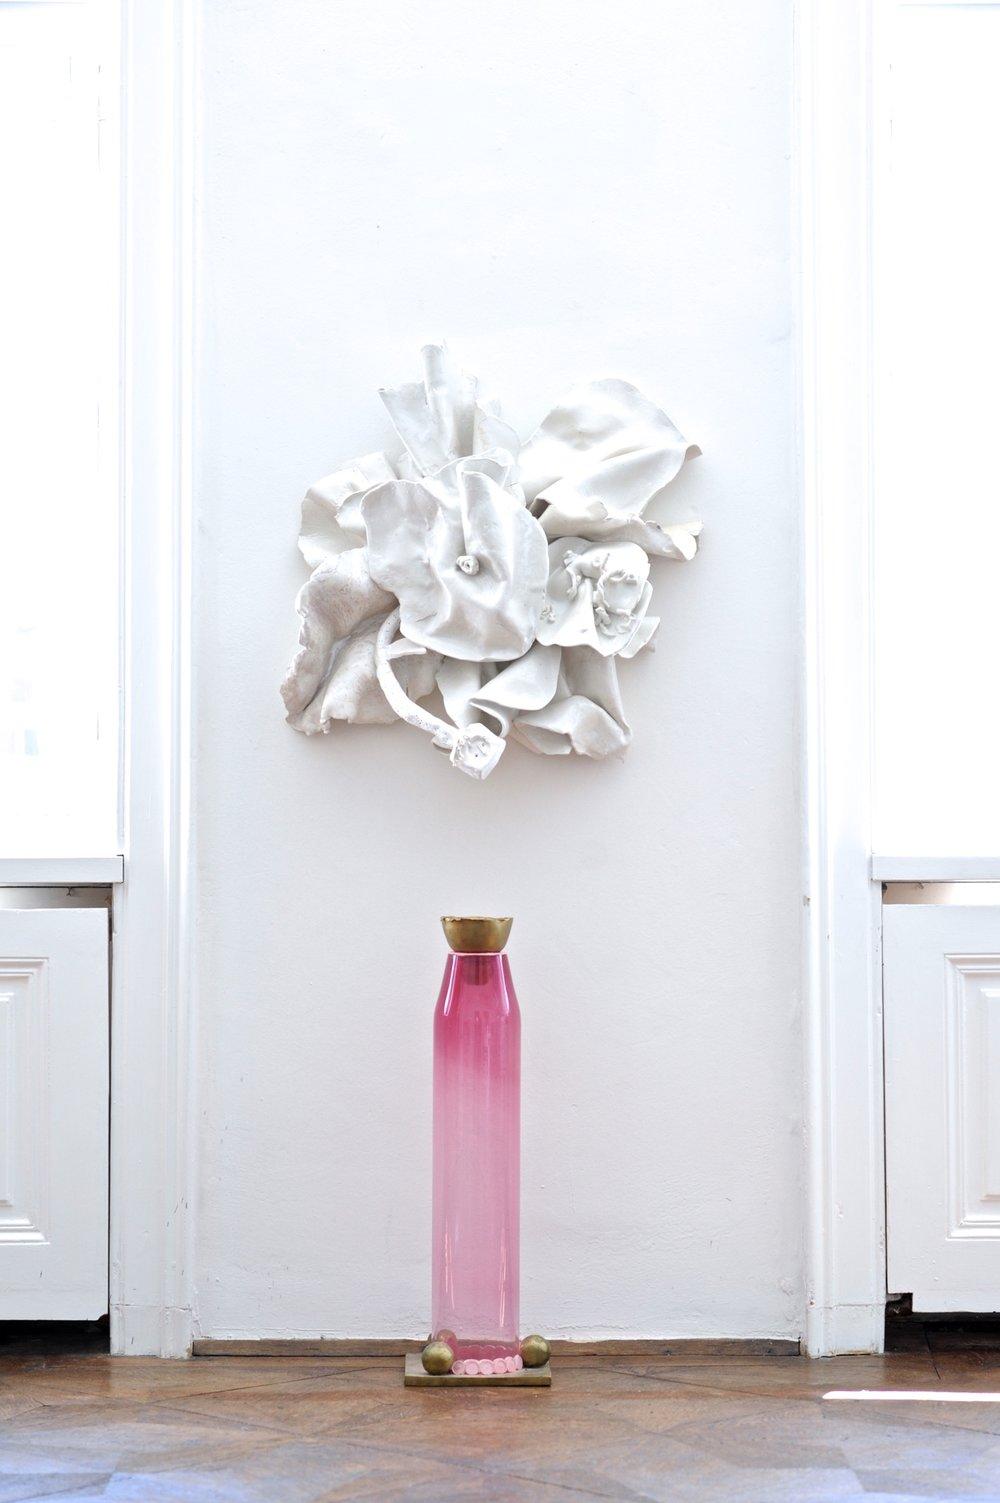 Untitled  2011 Ceramic, glazed 70 x 70 cm